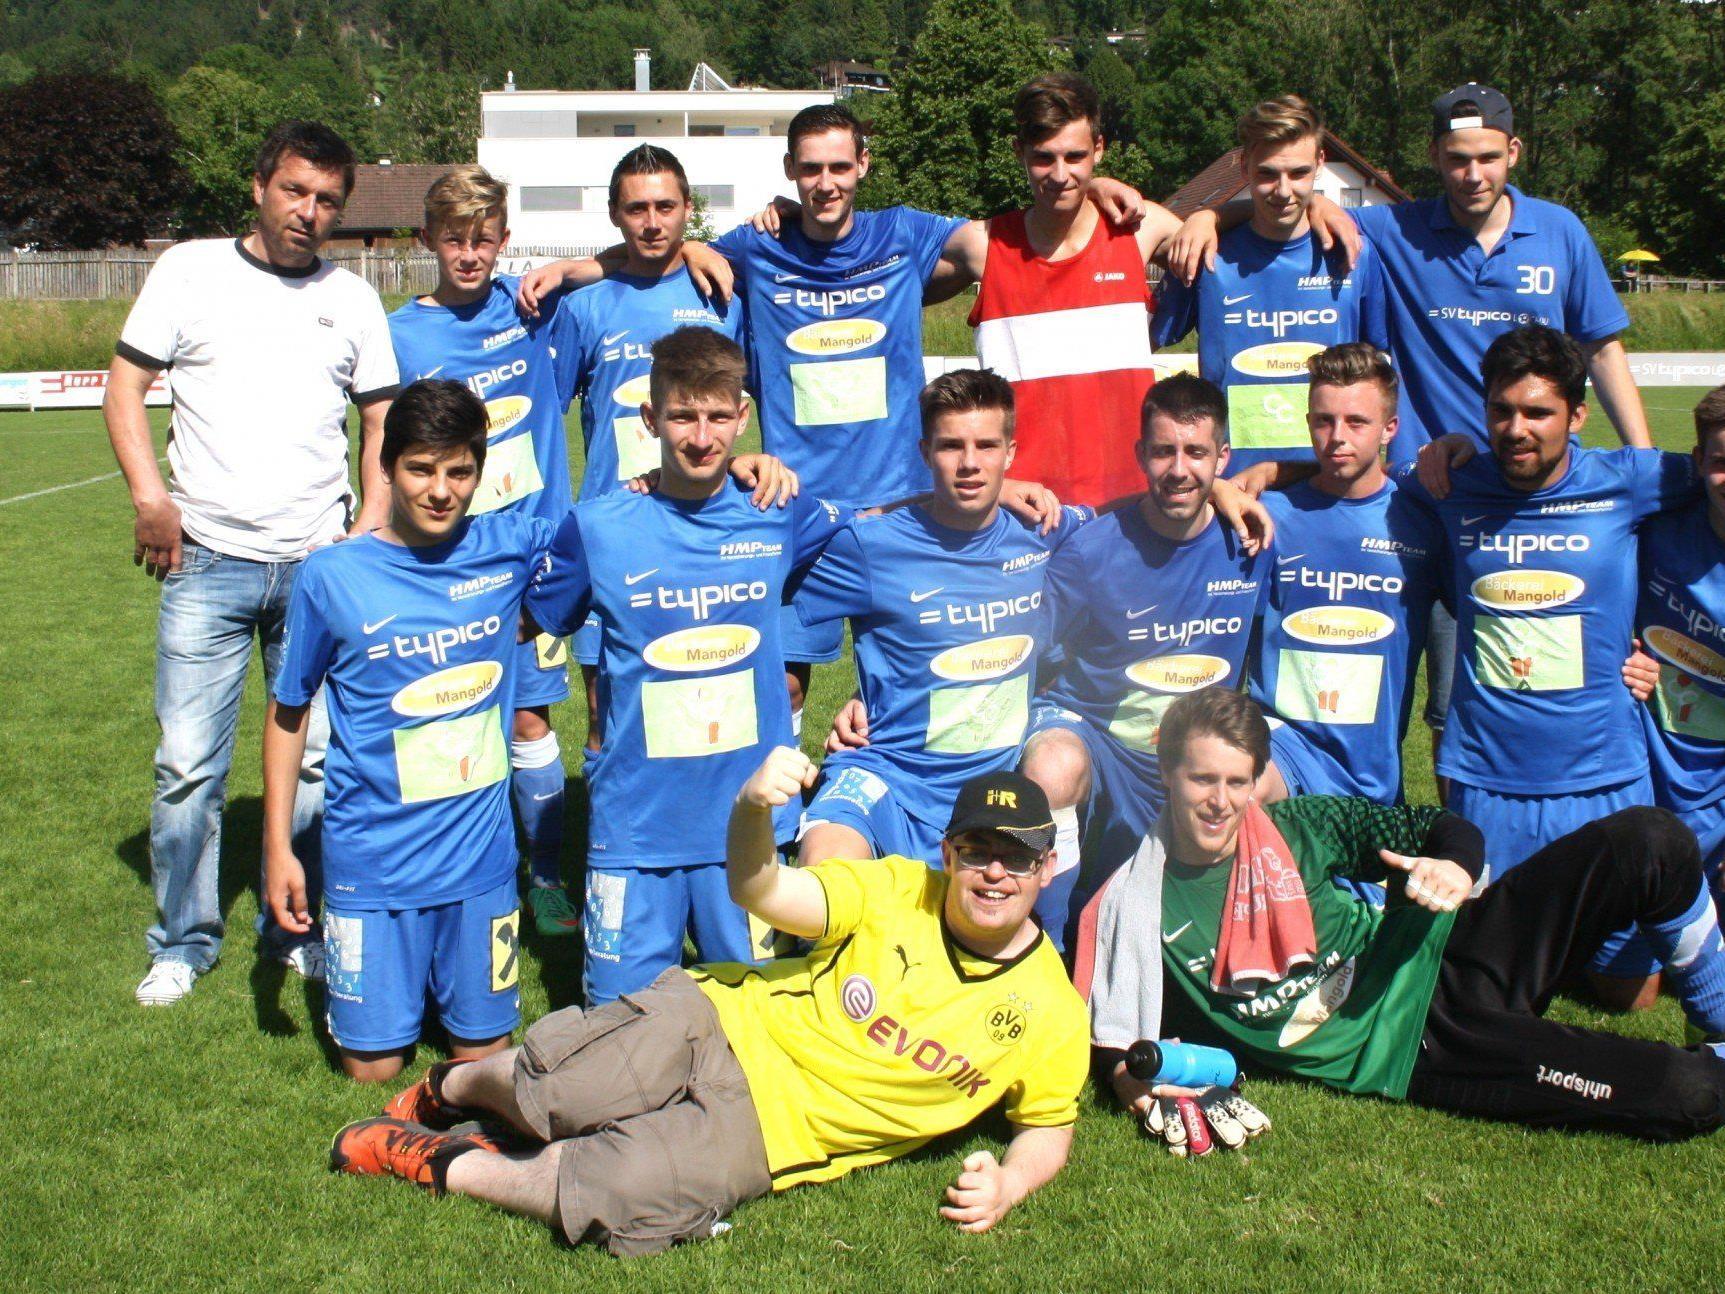 Mannschaft, Trainer, Betreuer und Fans des 1b Teams des SV Typico Lochau feierten den Klassenerhalt in der 3. Landesklasse.